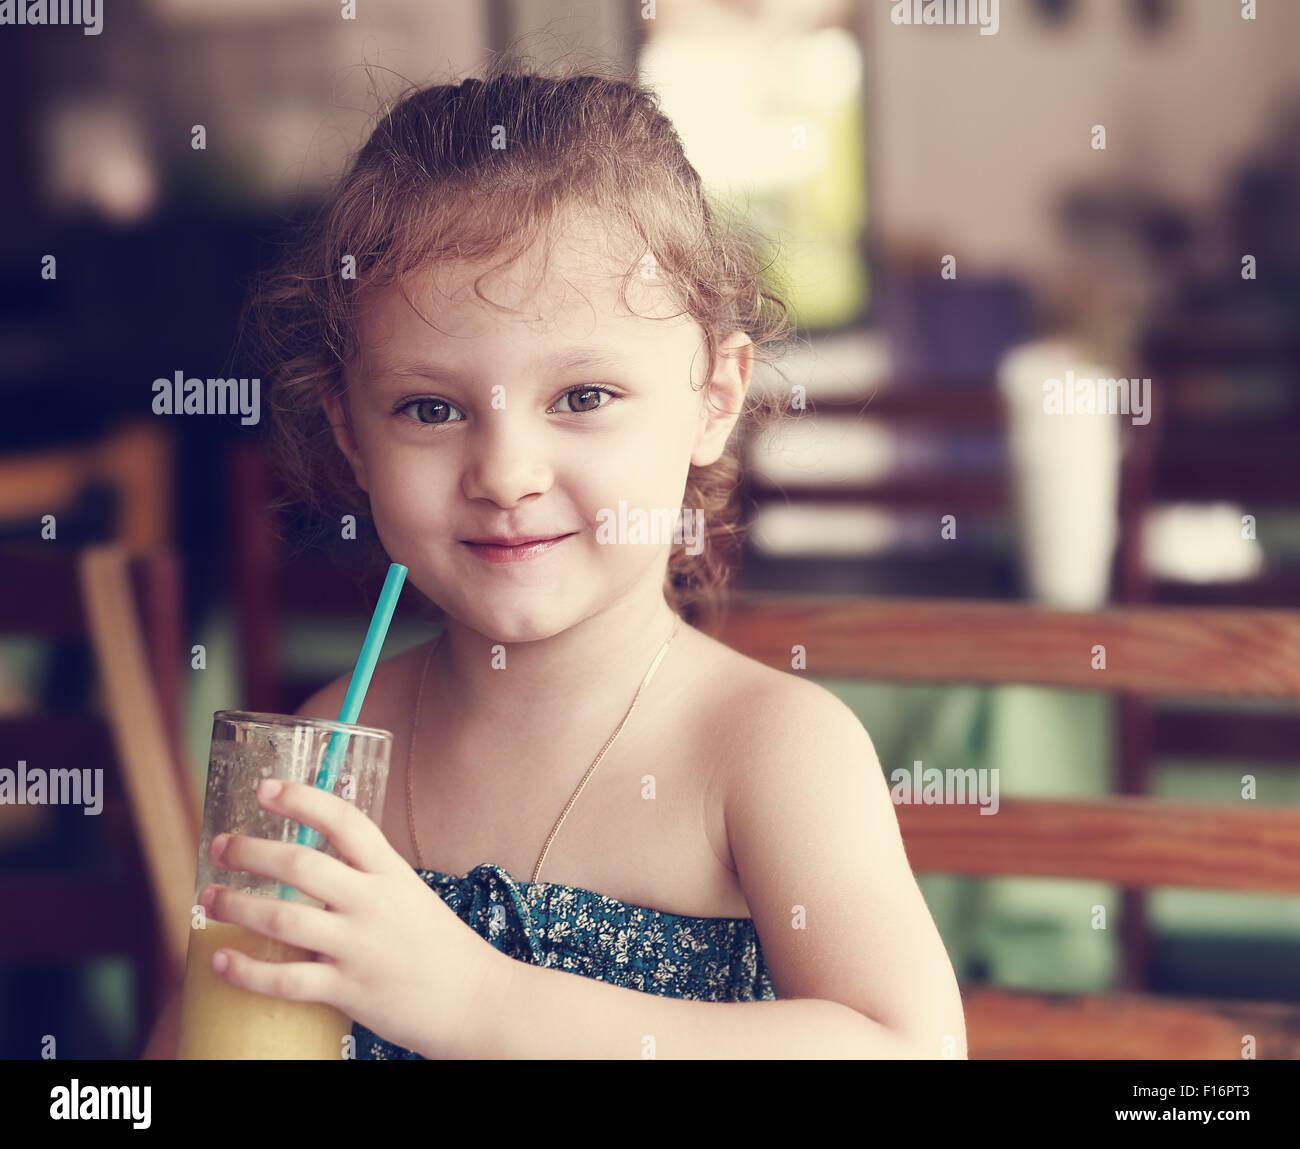 Feliz sonriente chico chica beber jugo fresco de vidrio en el cafe. Tonificado closeup retrato Foto de stock